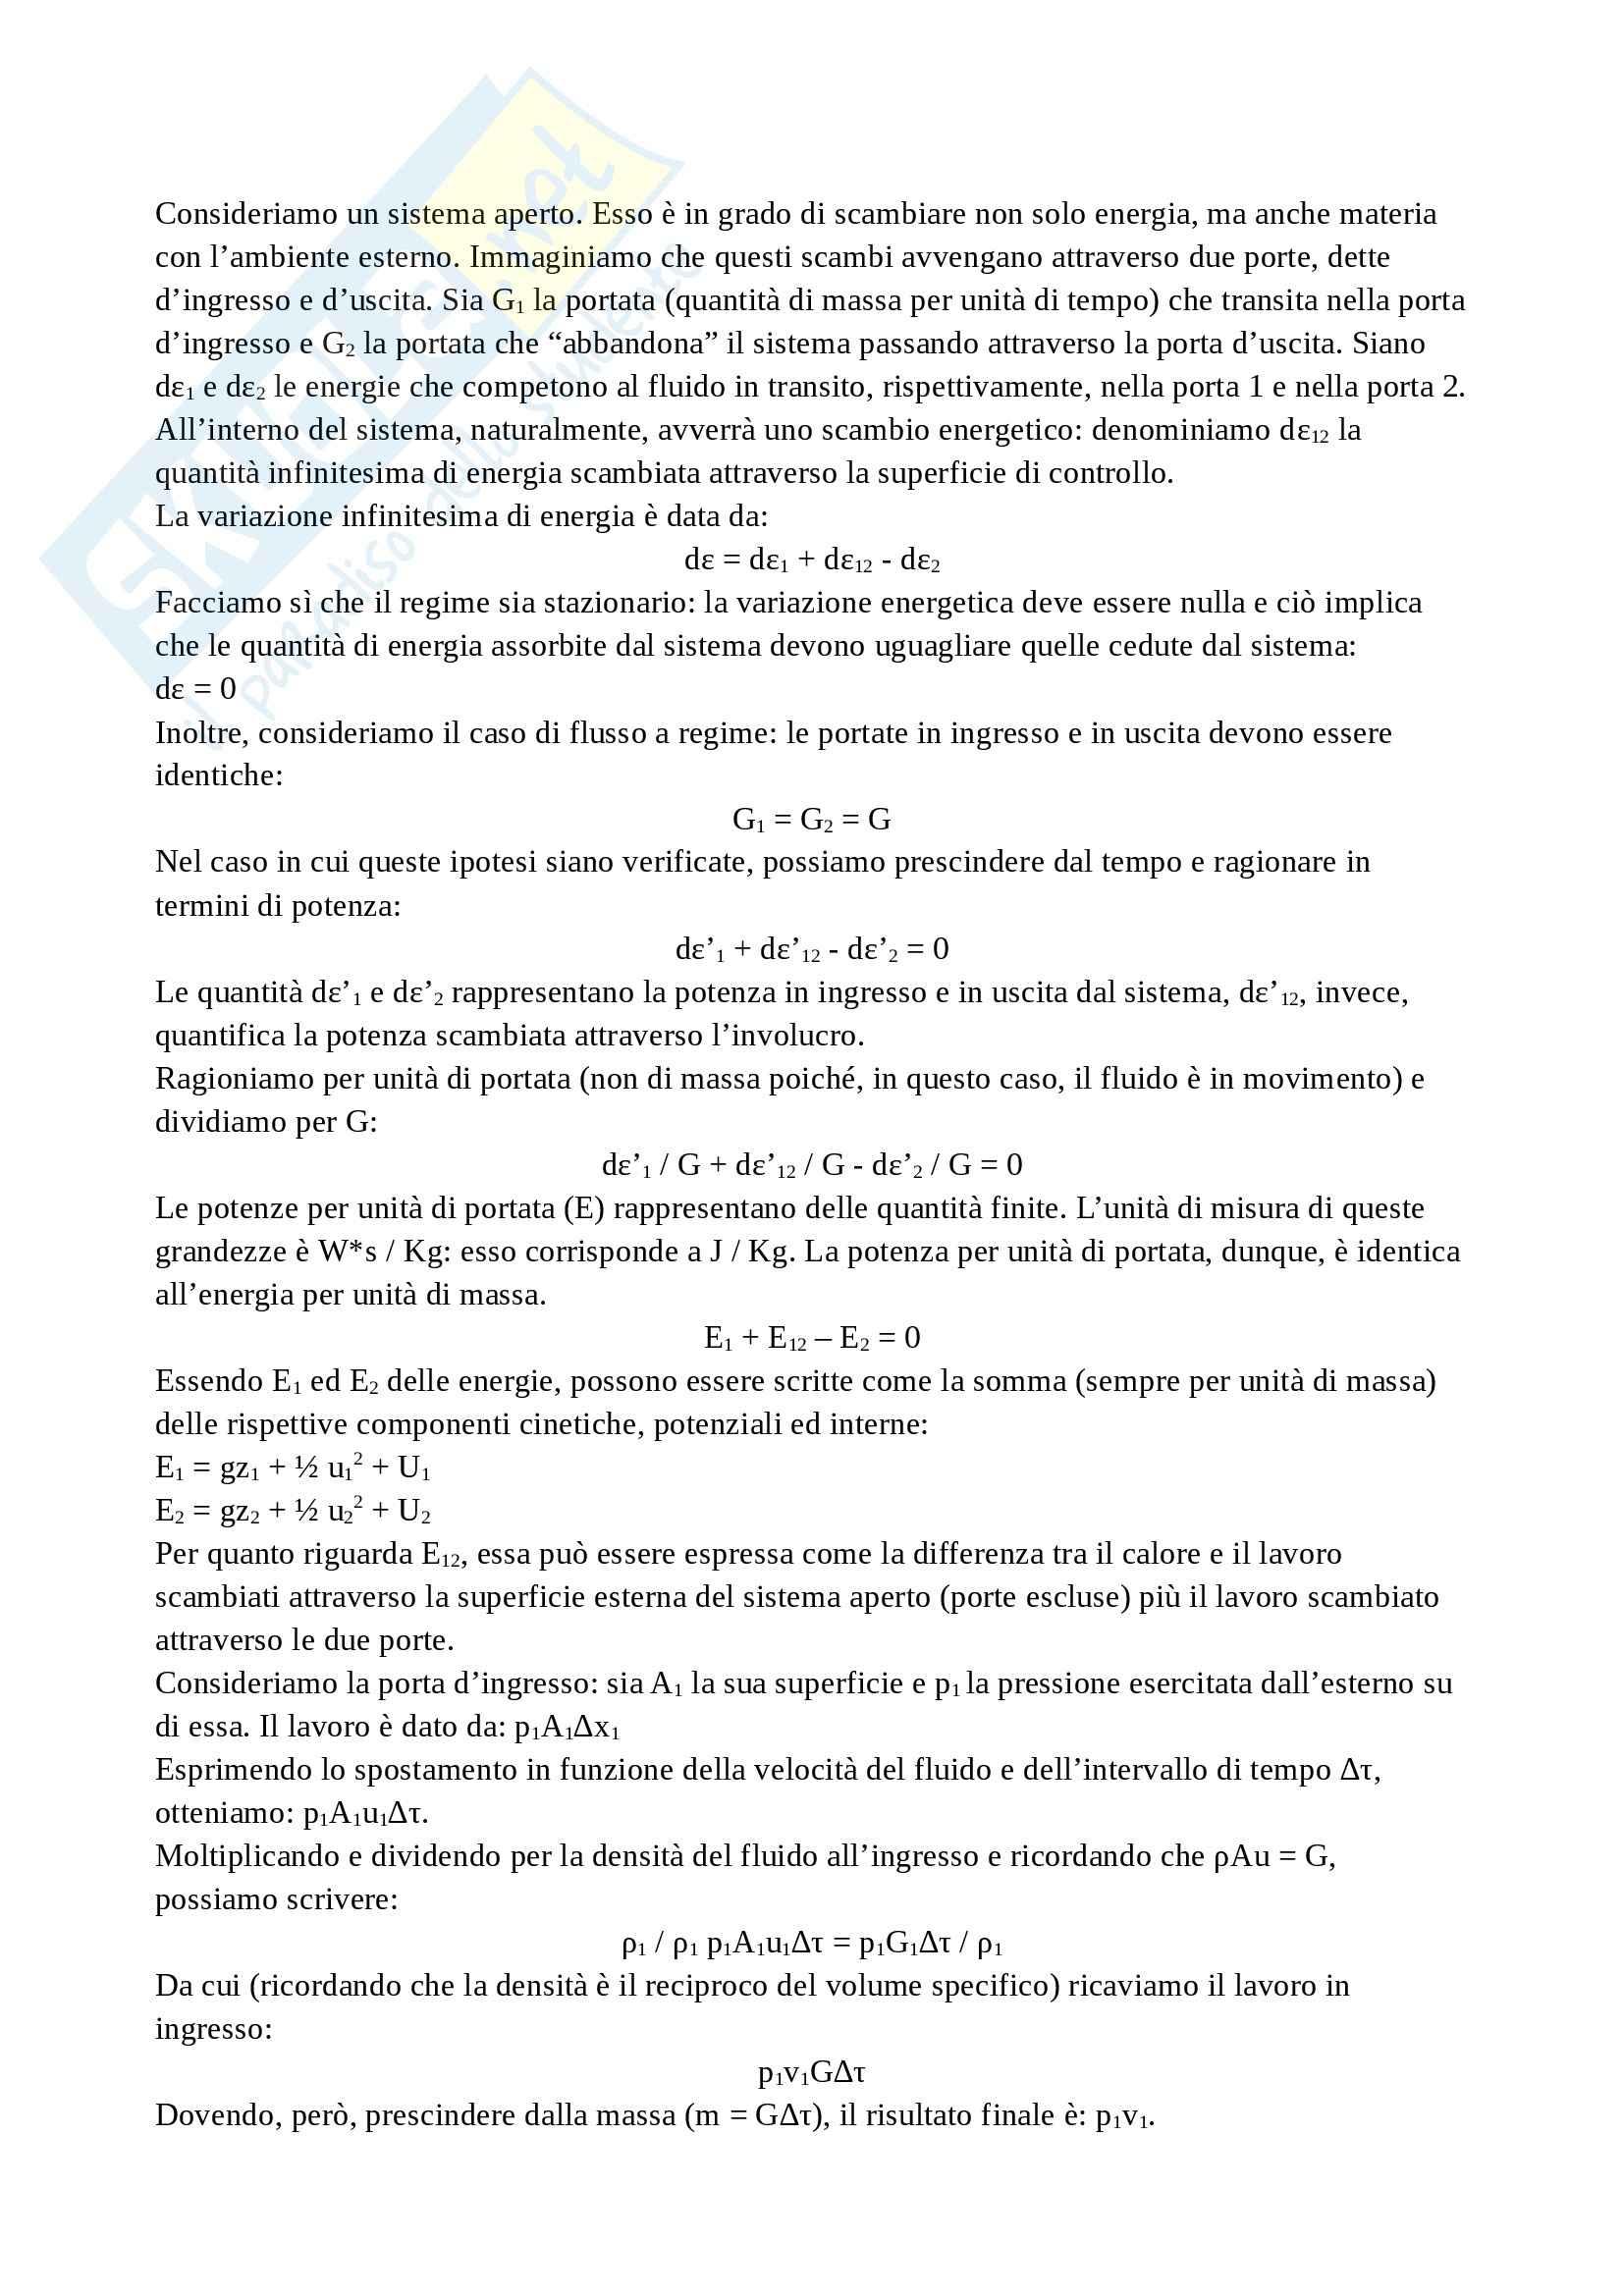 Termodinamica - Conservazione energia sistema aperto